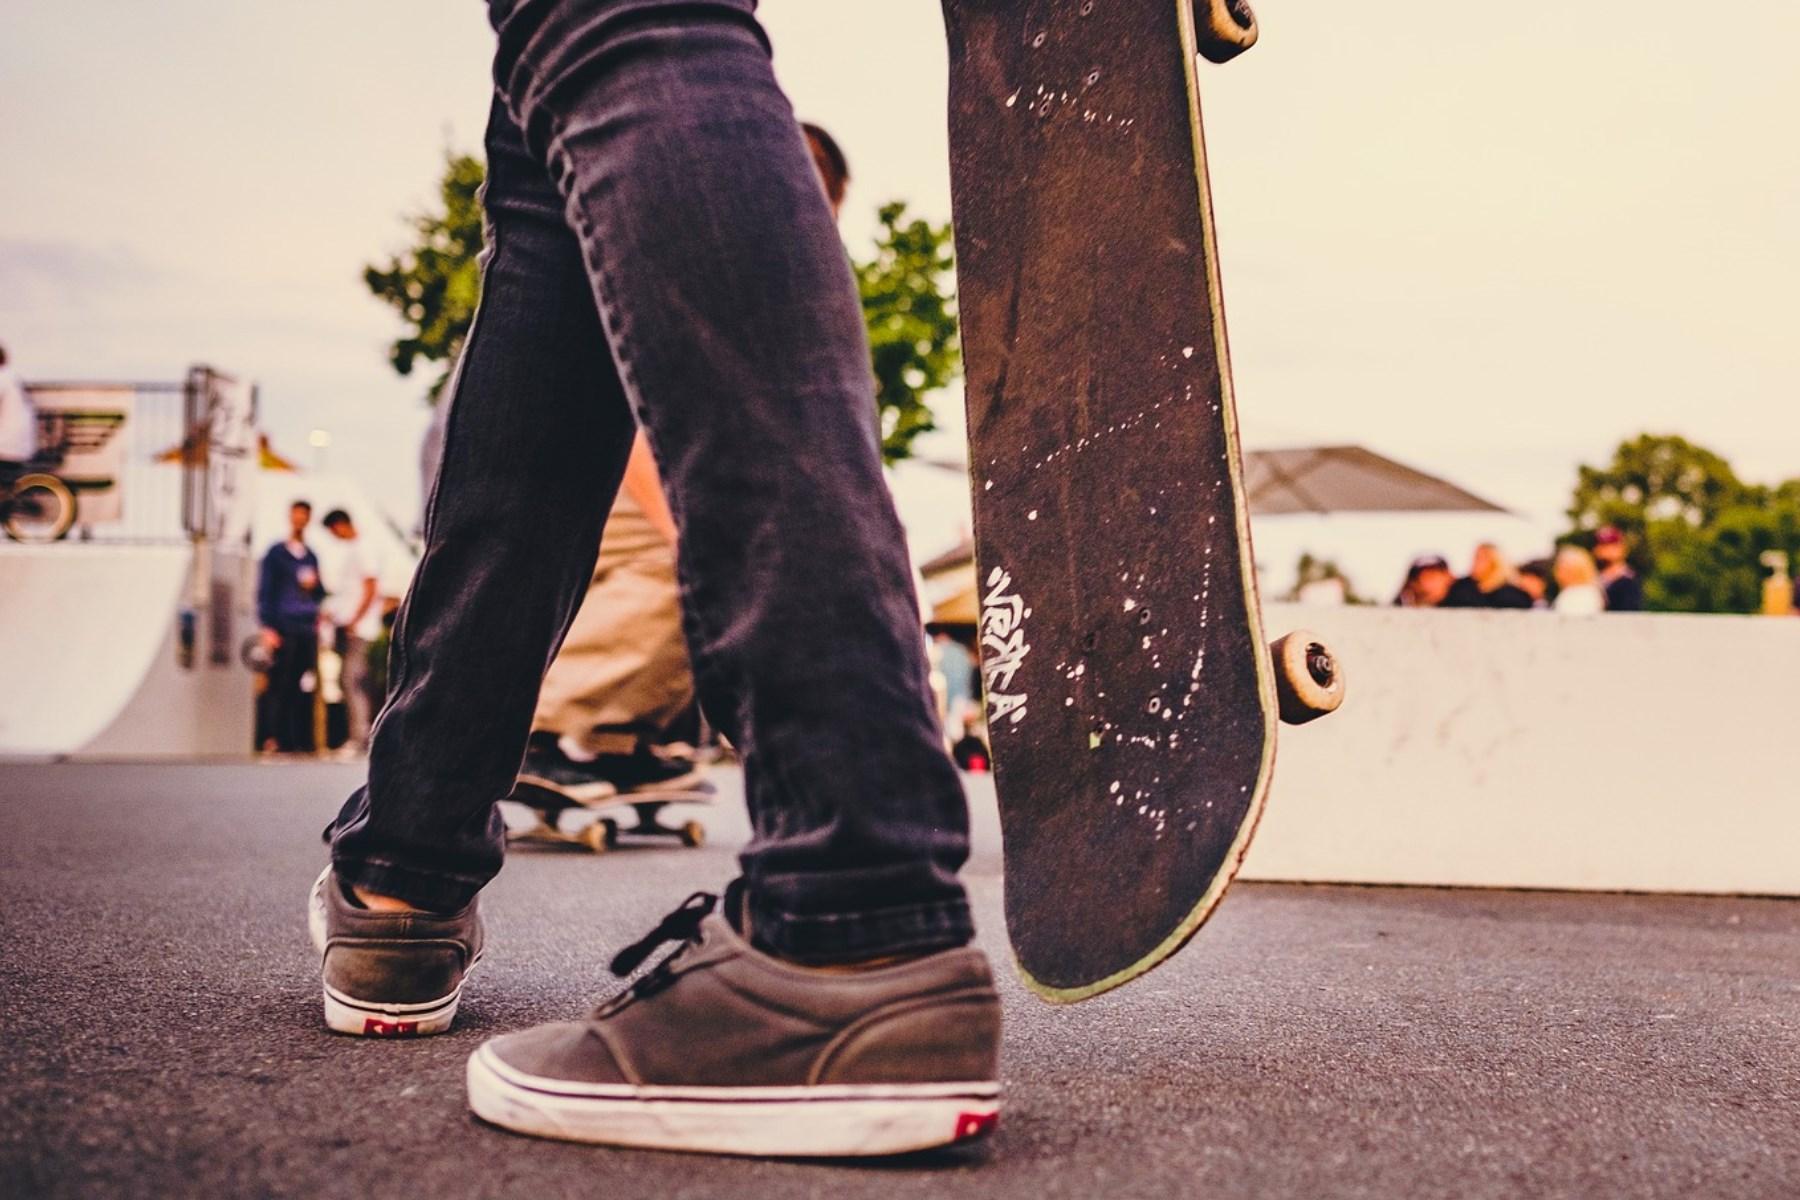 Freiheitlicher Beschlussantrag für Skatepark in Kaltern einstimmig genehmigt